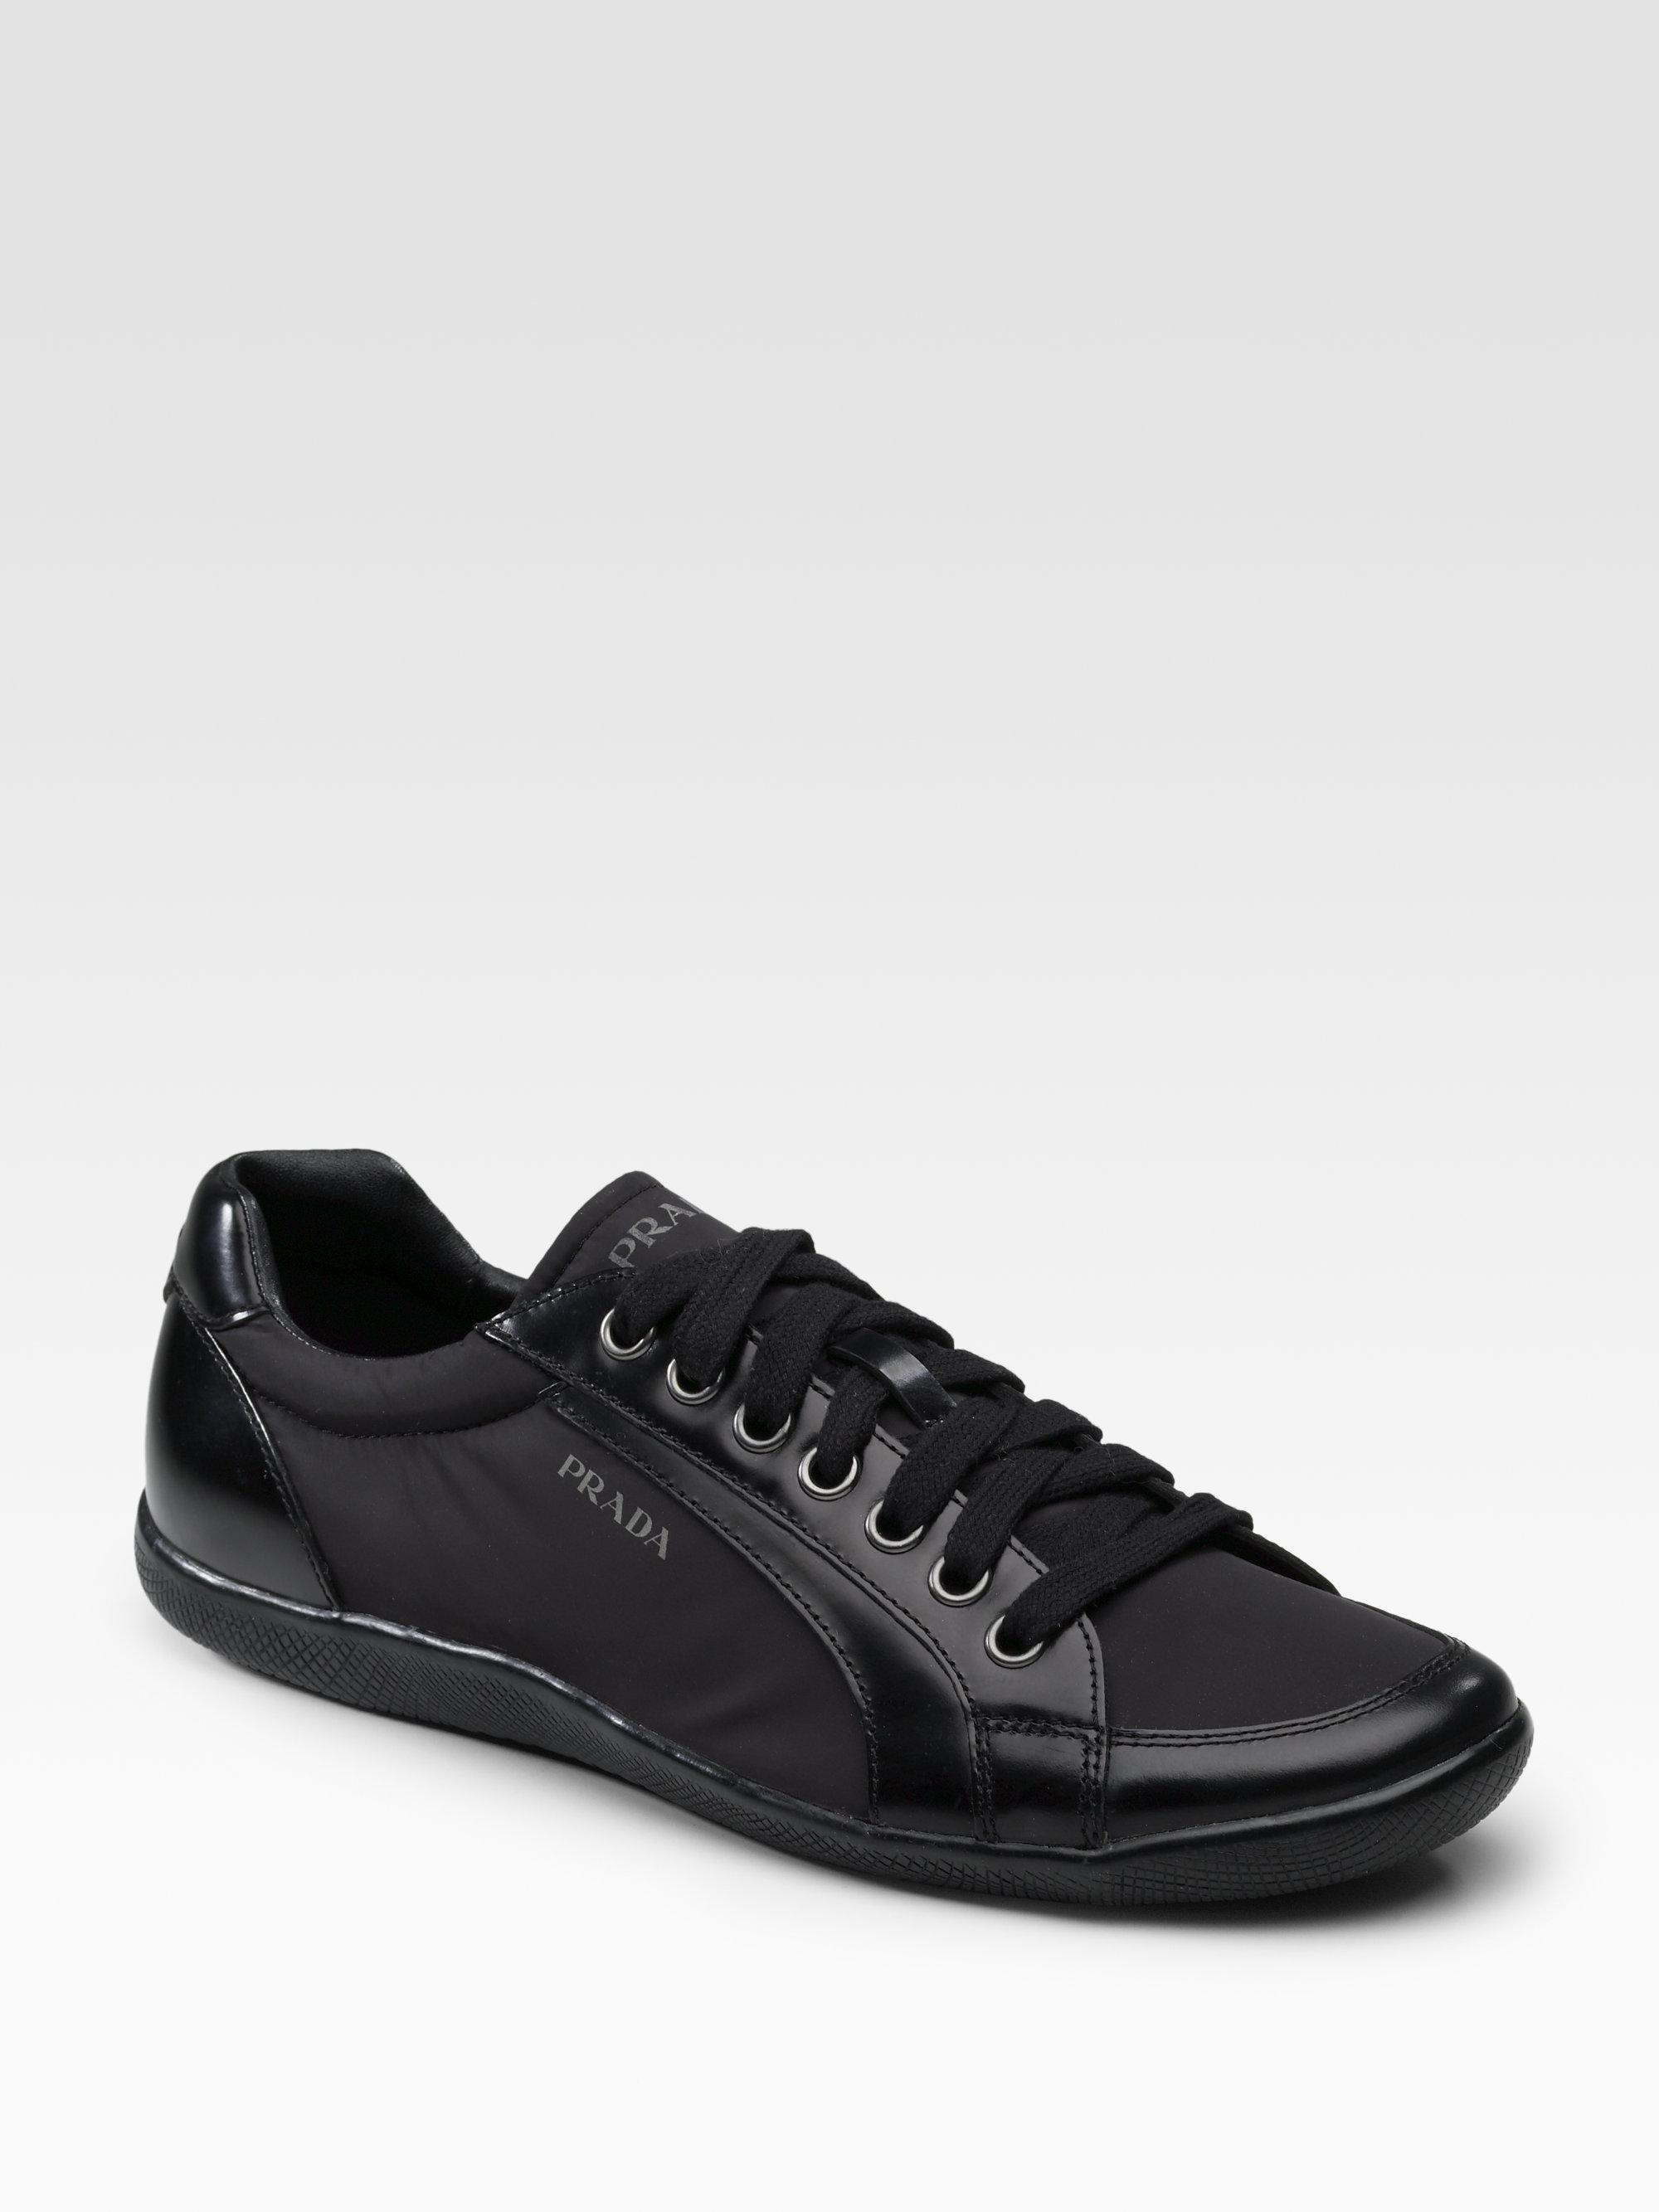 Prada Nylon Sneakers in Nero (Black